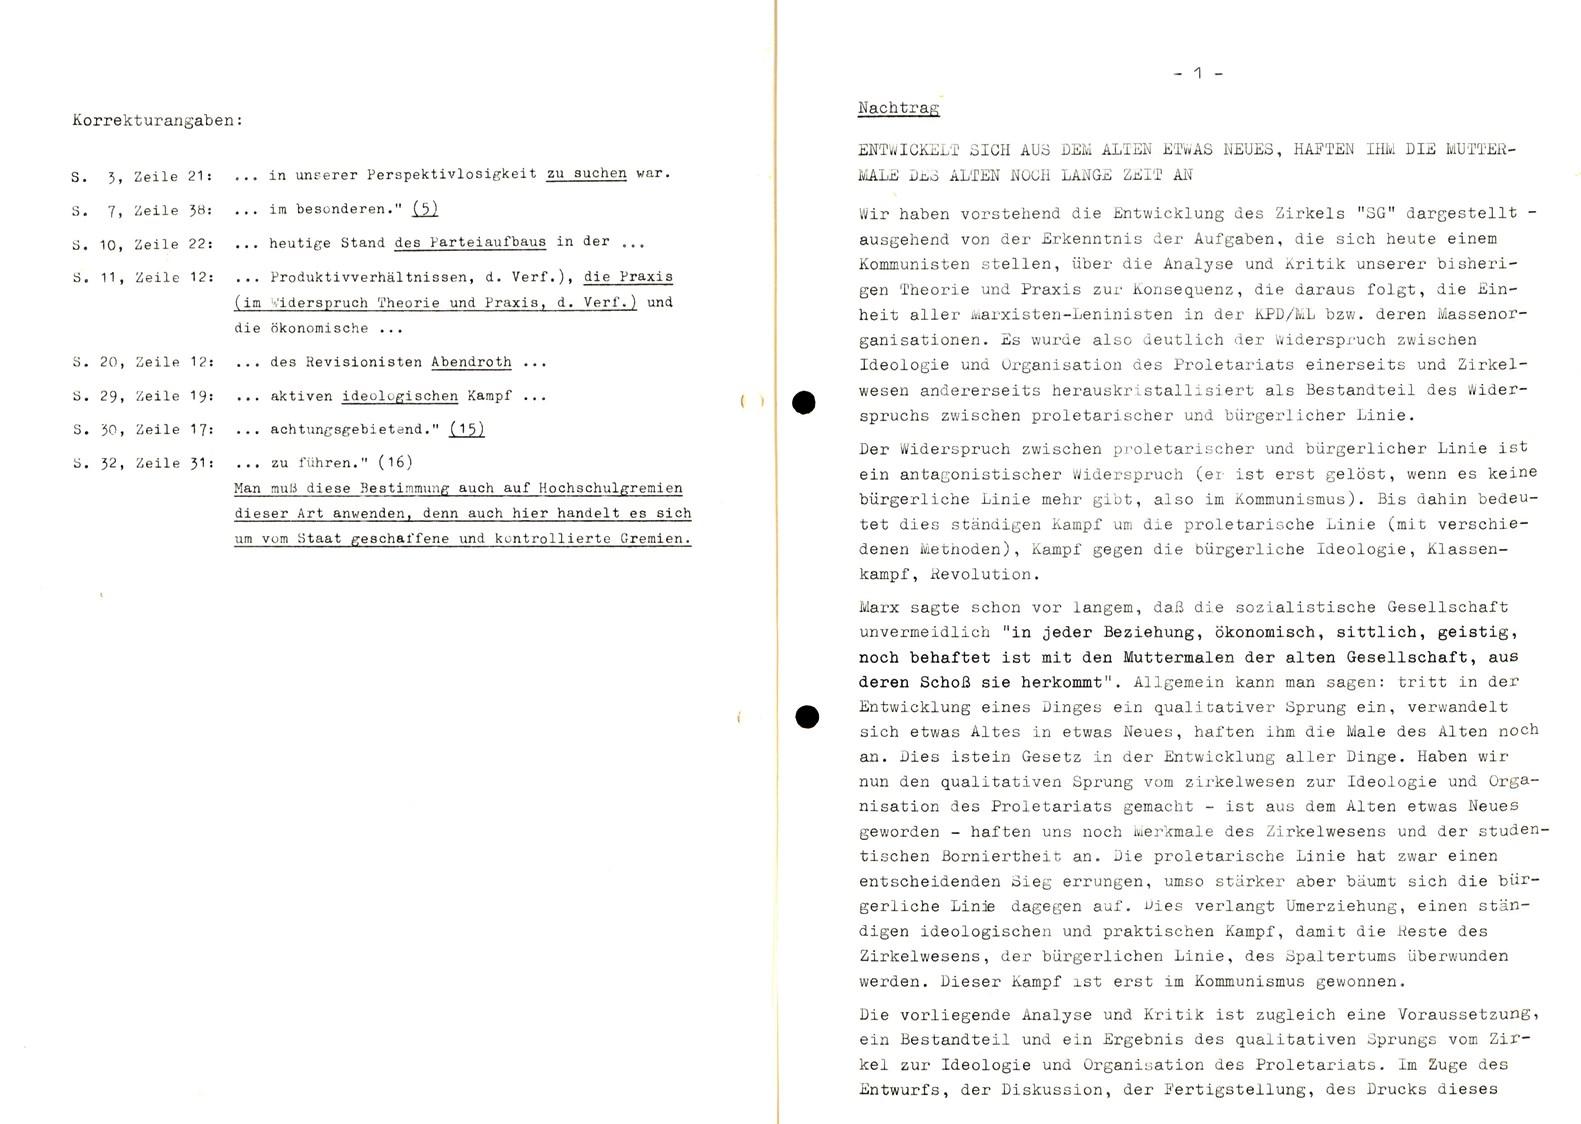 Aachen_KSBML_1971_Selbstkritik_30